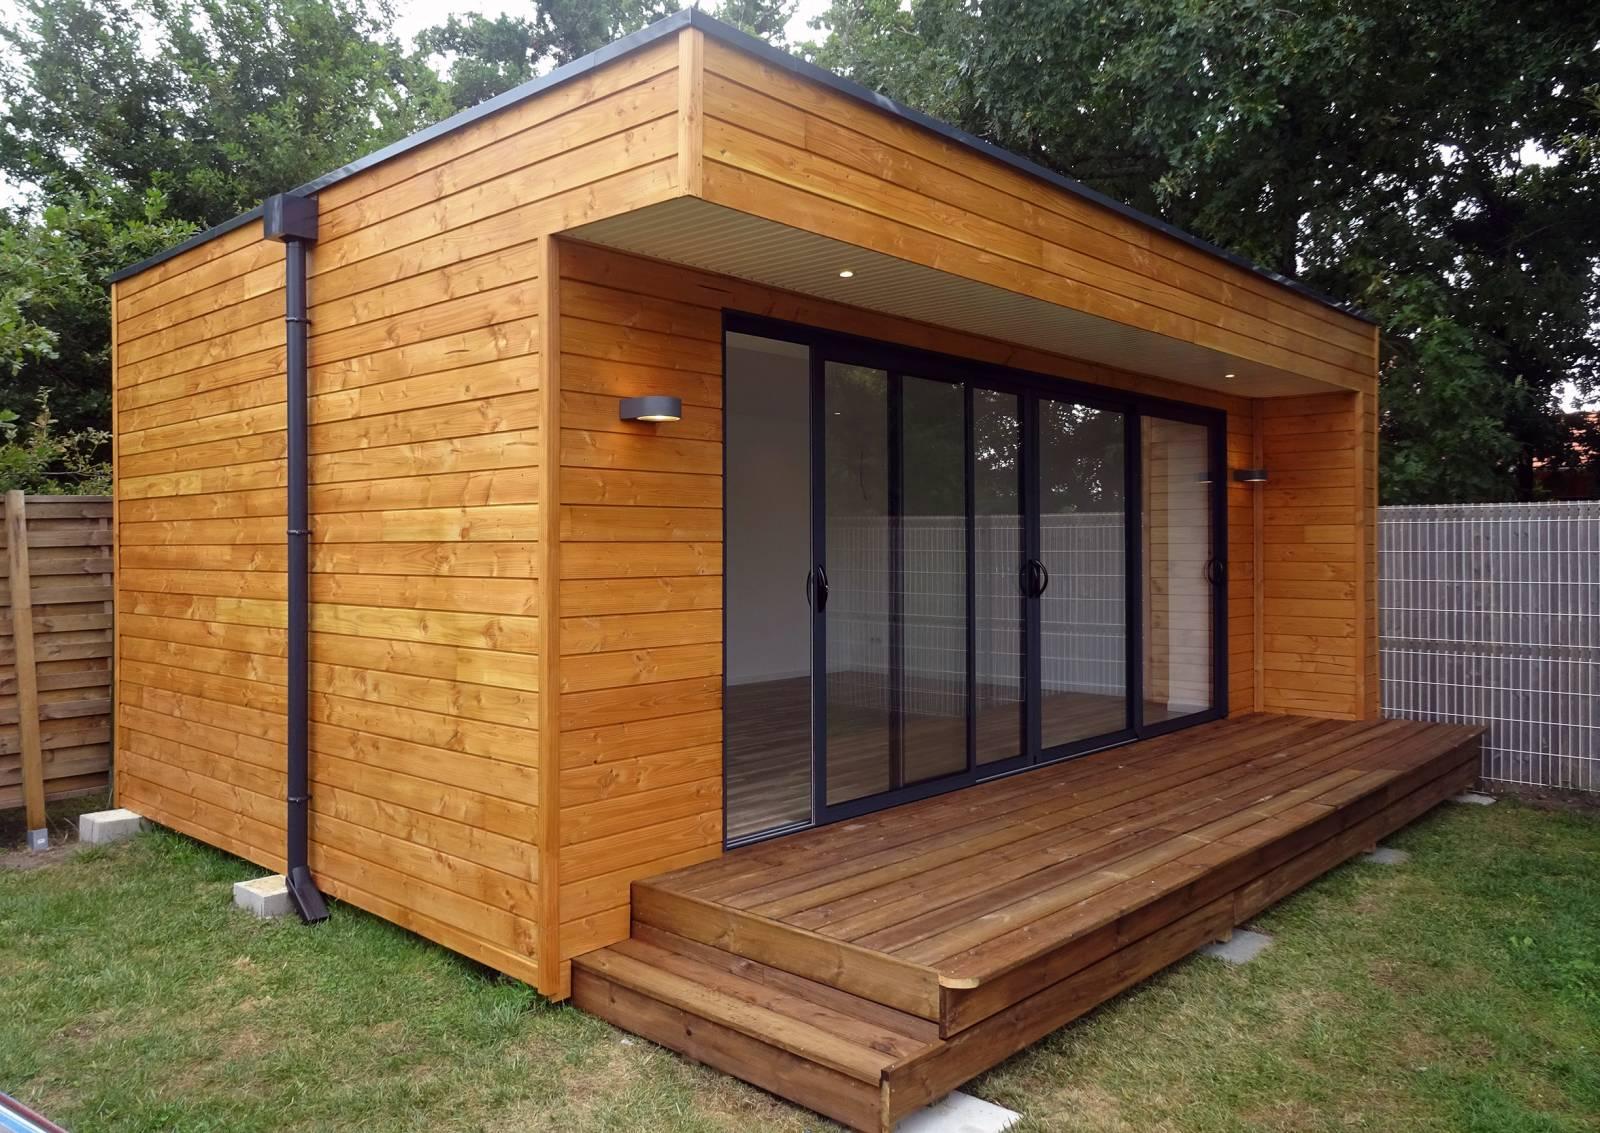 cr ation d 39 un bureau dans un jardin ar s en gironde construction en bois bordeaux abrisips. Black Bedroom Furniture Sets. Home Design Ideas